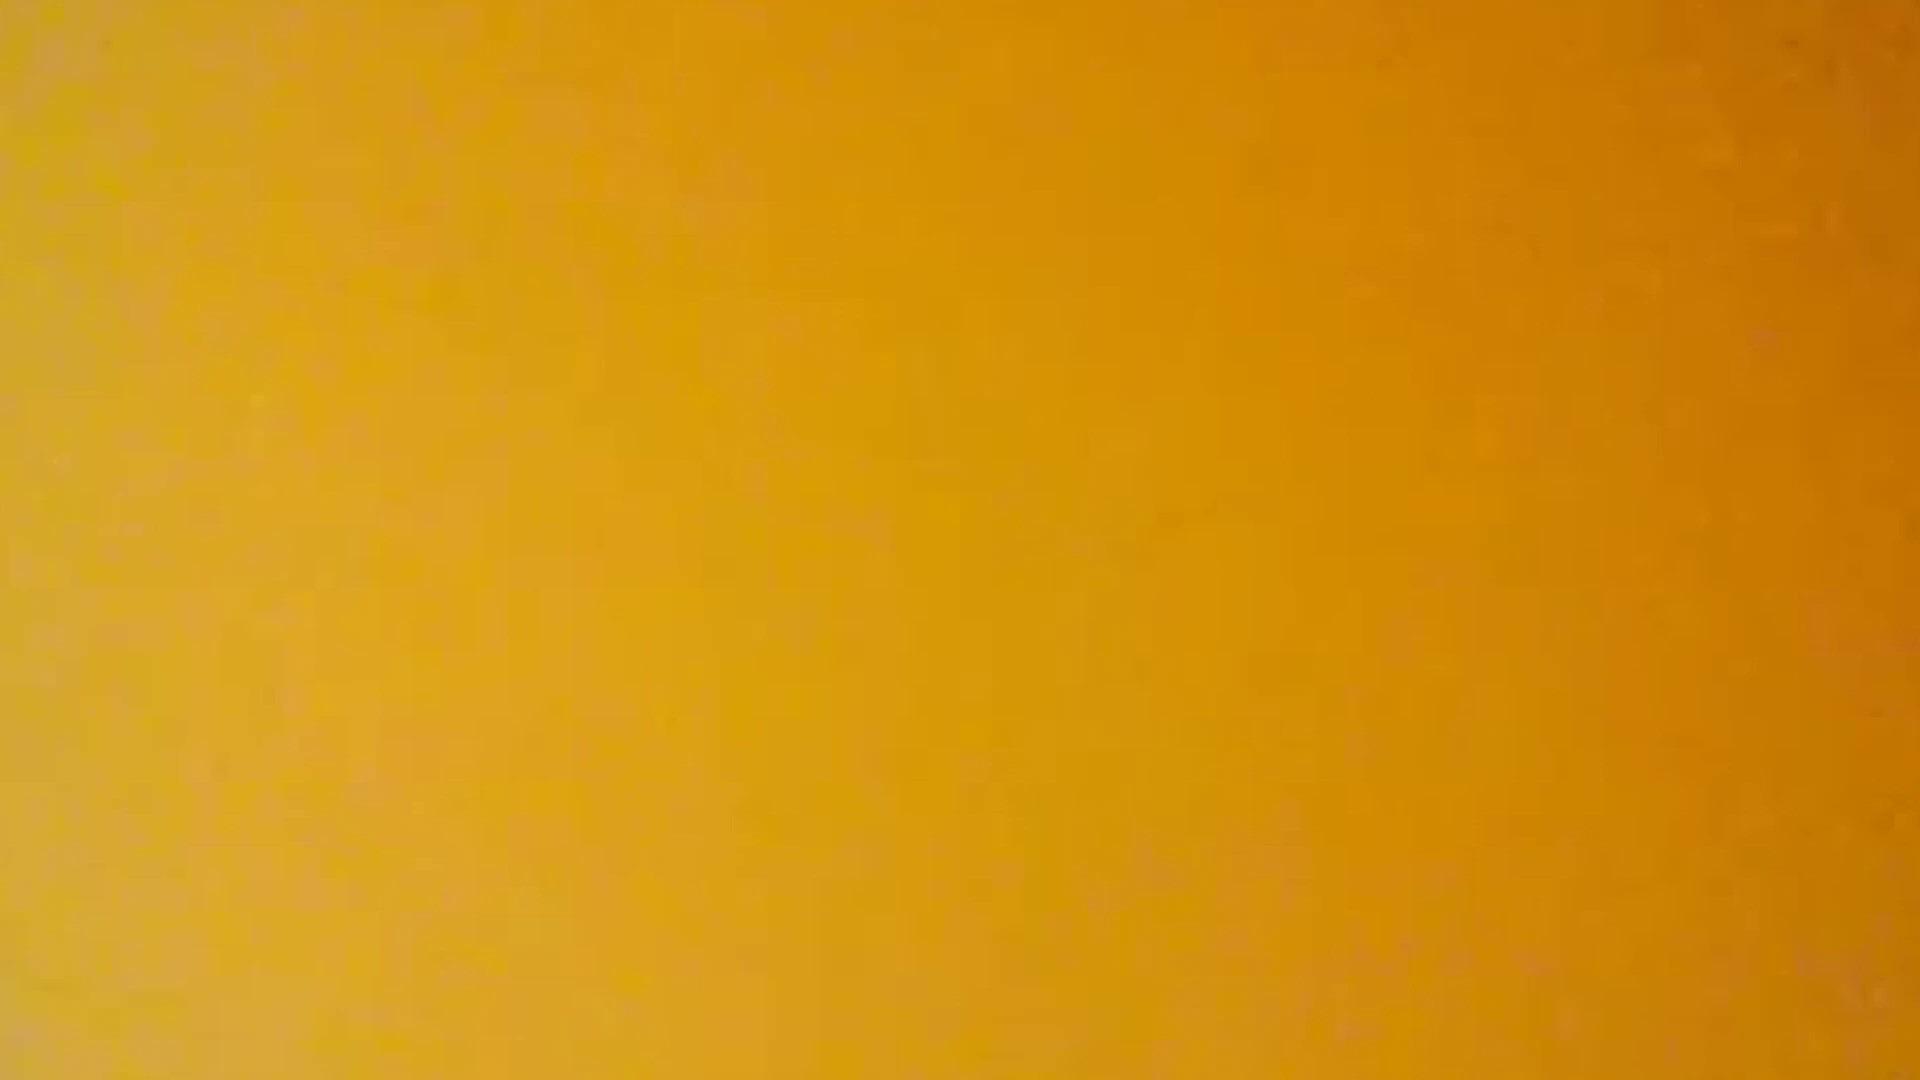 ~厳選!素人イケメン~俺のオナニズムⅢVol.08 隠撮 ゲイエロビデオ画像 85pic 31